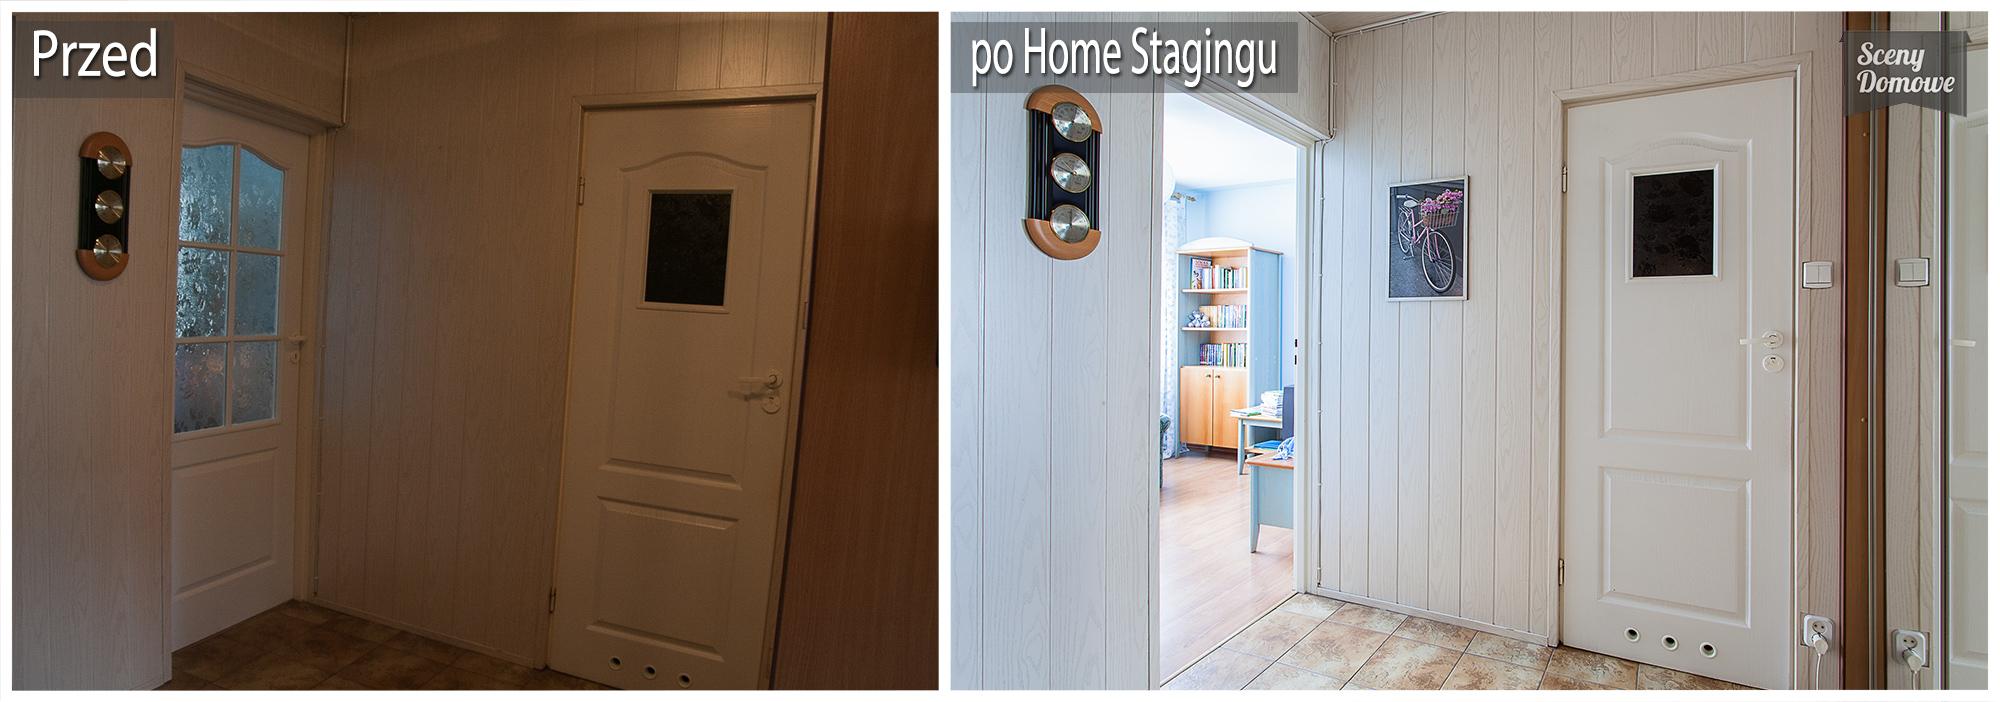 home_staging_przedpokój